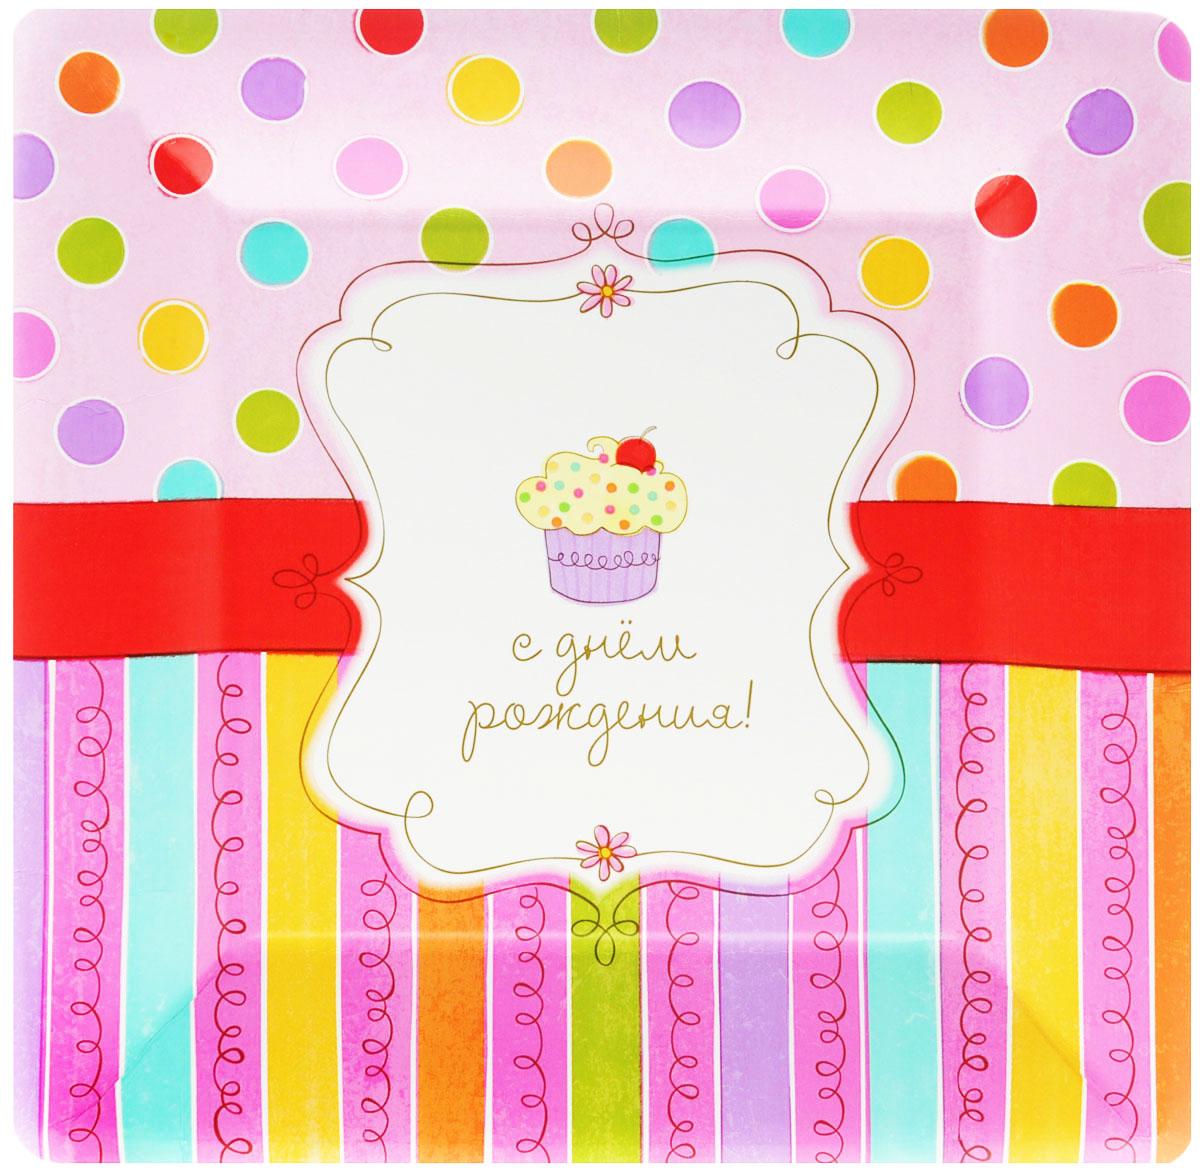 Amscan Тарелка бумажная Сладкий Праздник, 26 см, 8 шт1502-1311Предвкушение праздника - одна из самых приятных эмоций в жизни человека. Радость, улыбки, громкий смех друзей и родных - что может быть лучше этого? Но для того, чтобы каждый праздник был поистине незабываемым, вам не обойтись без ярких и красочных помощников, ведь самое главное в этом случае - детали. Тарелка бумажная AMSCAN Сладкий Праздник украсит праздничный стол и создаст веселую атмосферу. В комплекте 8 тарелок.